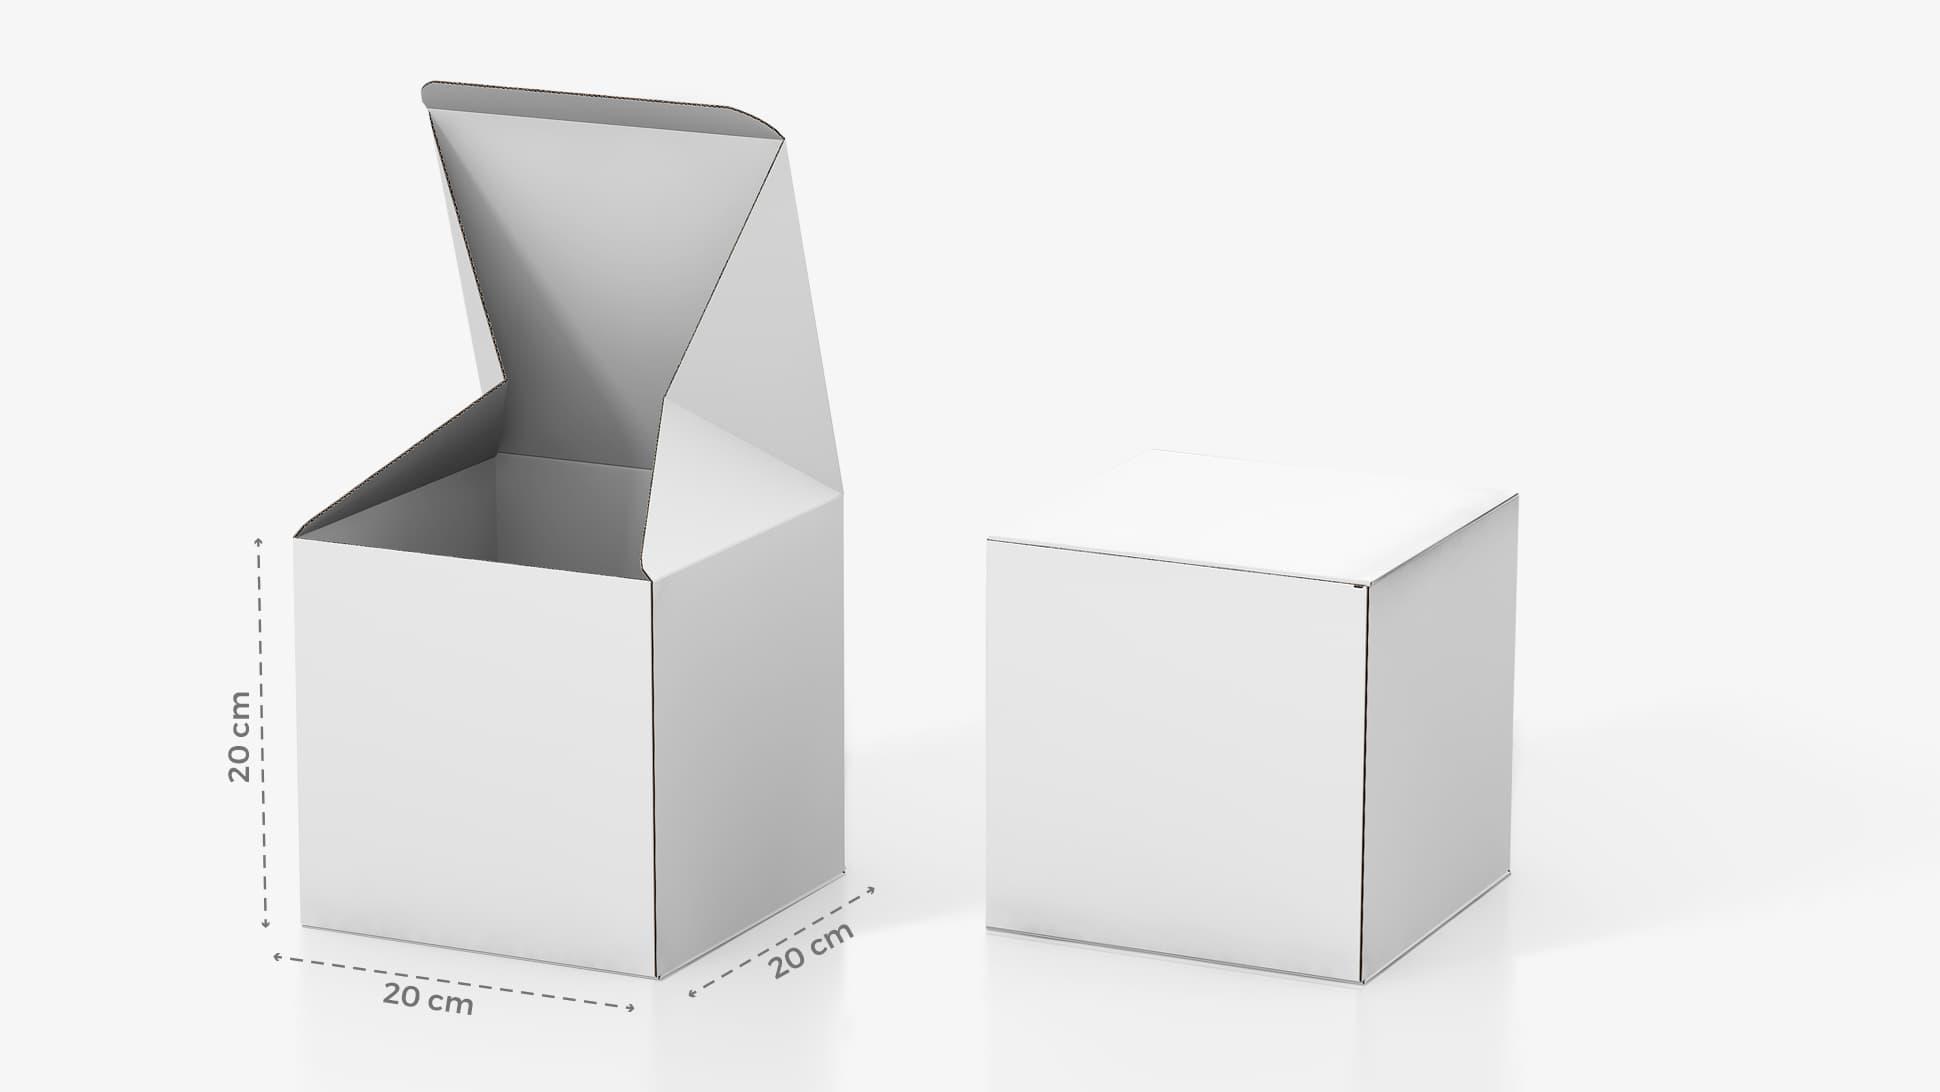 Scatola in cartone 20x20 cm personalizzabile | tictac.it